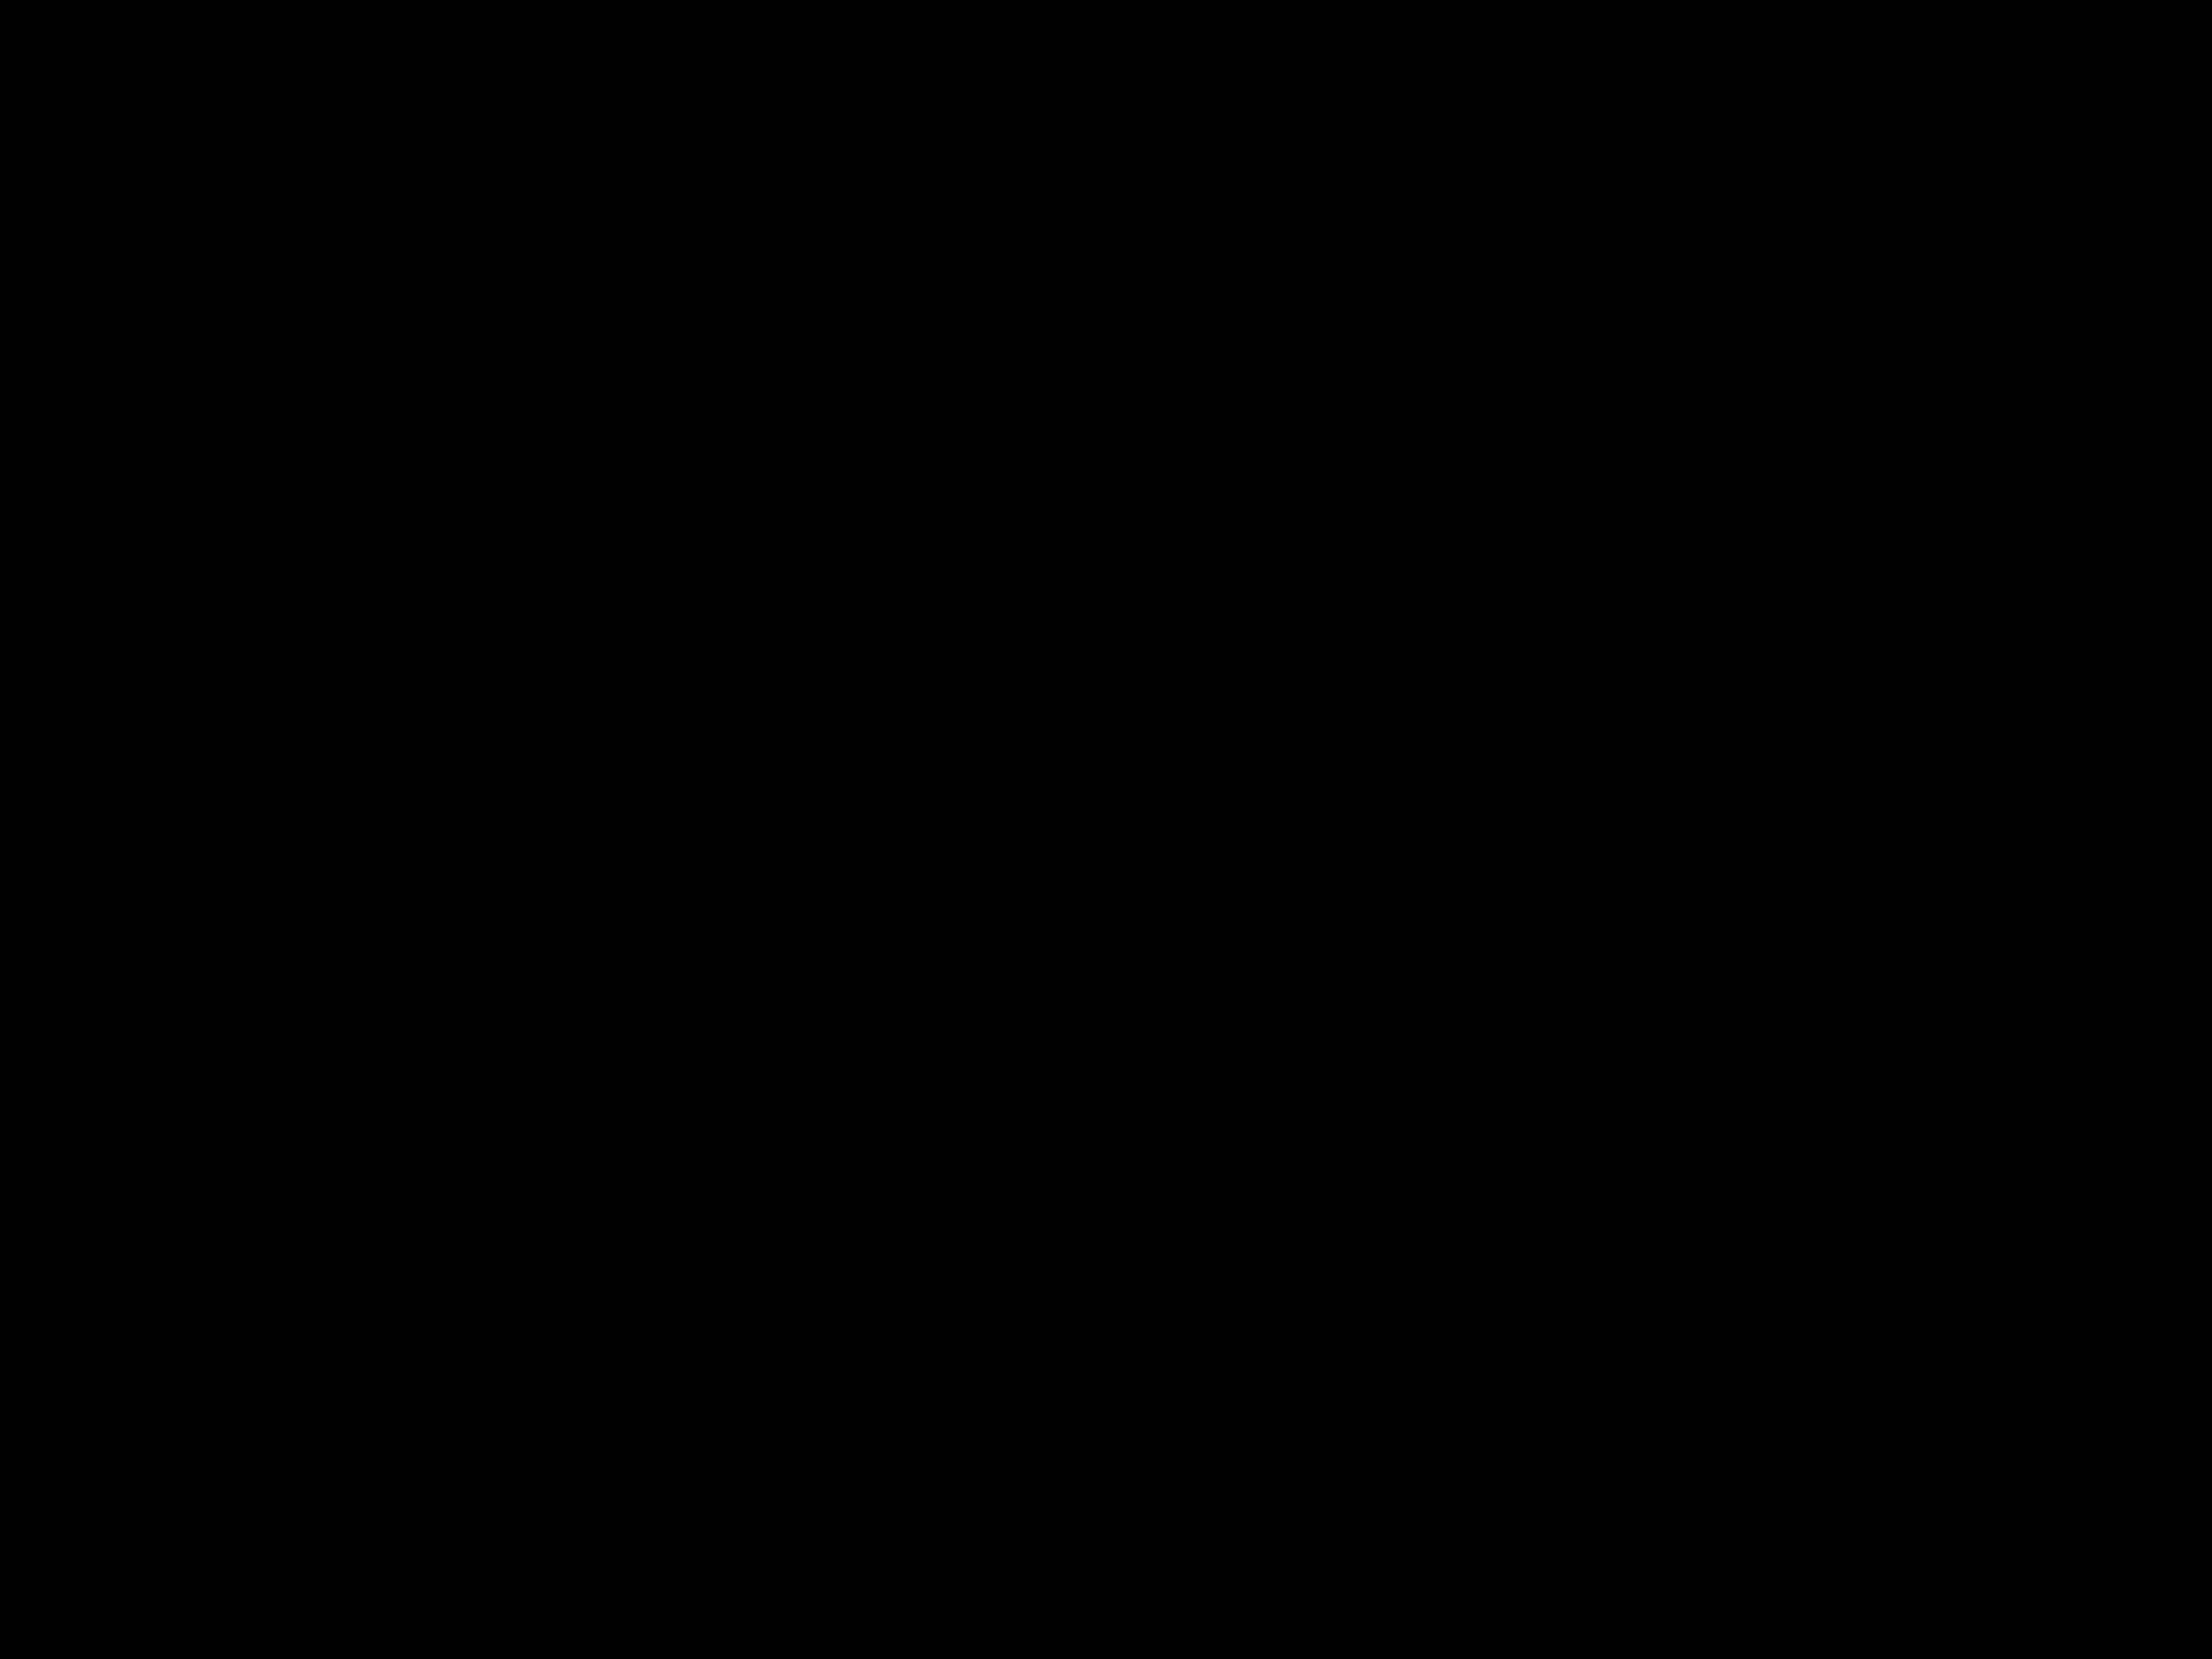 Надписью жду, картинки корабля смешные